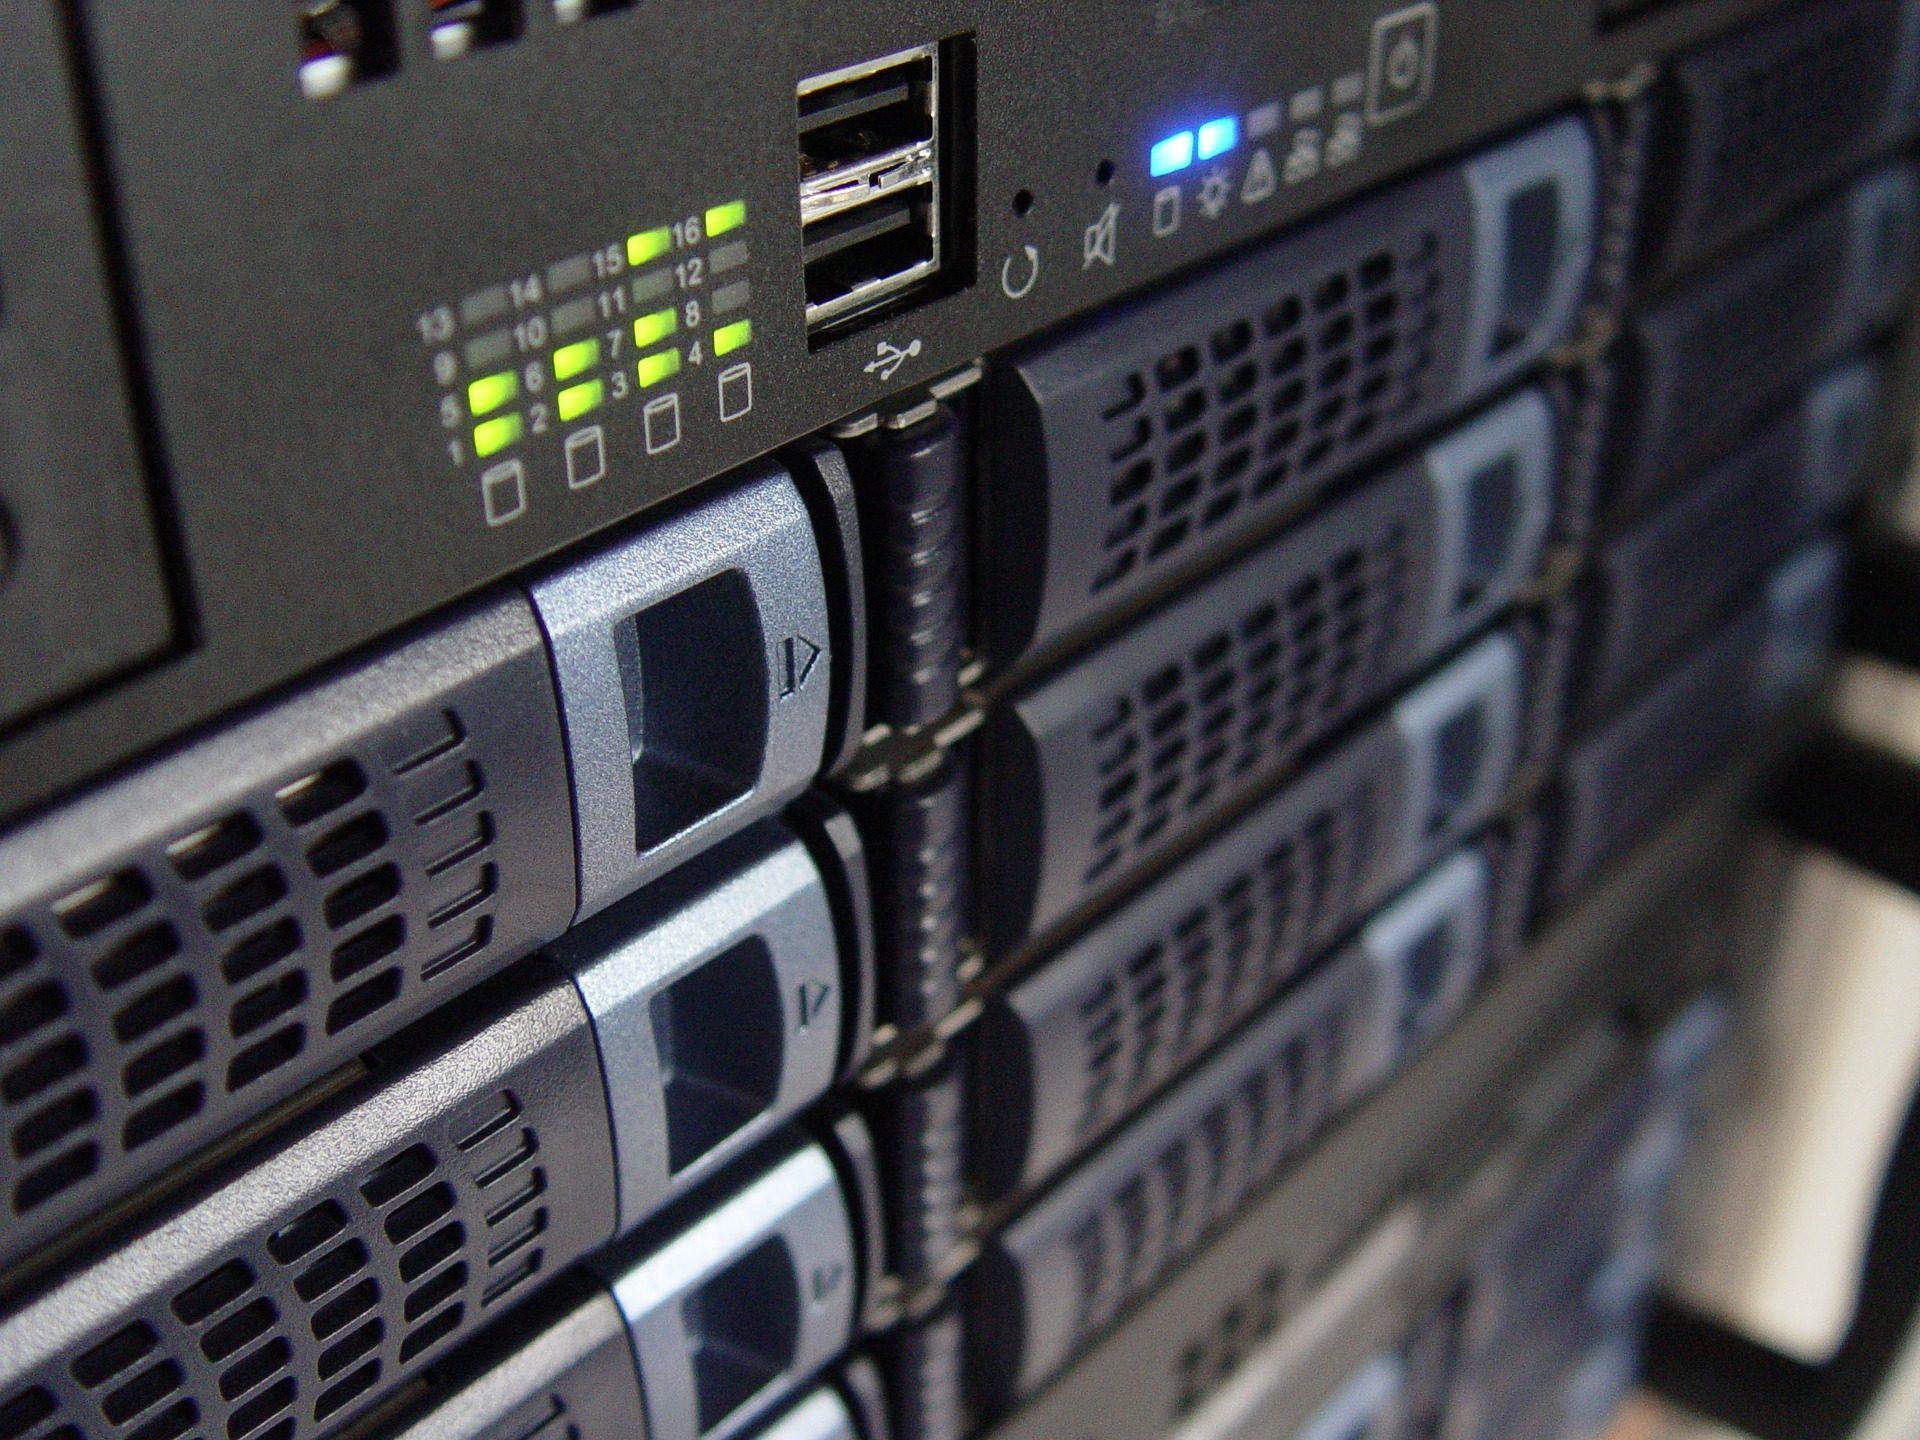 Server, routers, router, computer, Internet, luci, dati - Sfondi HD - Professor-falken.com